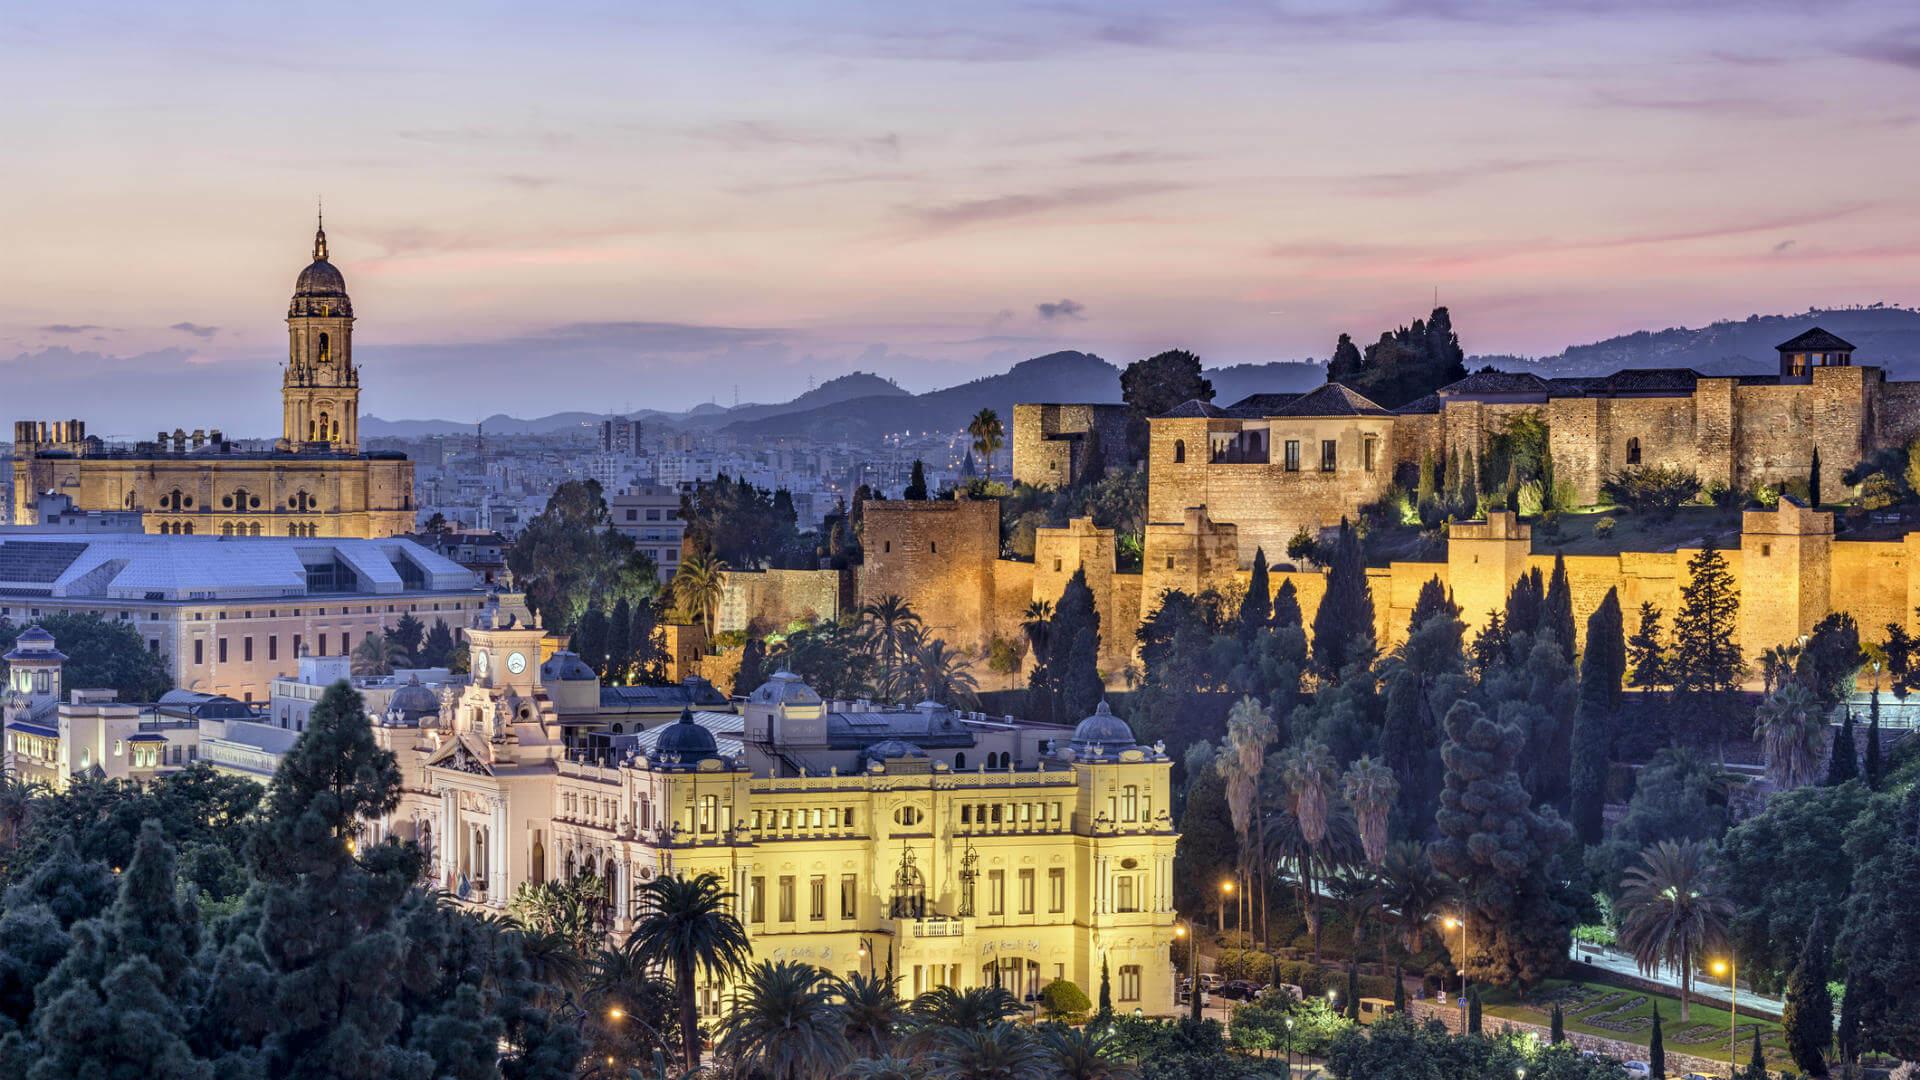 Vista panoramica dell'Alcazar di Malaga